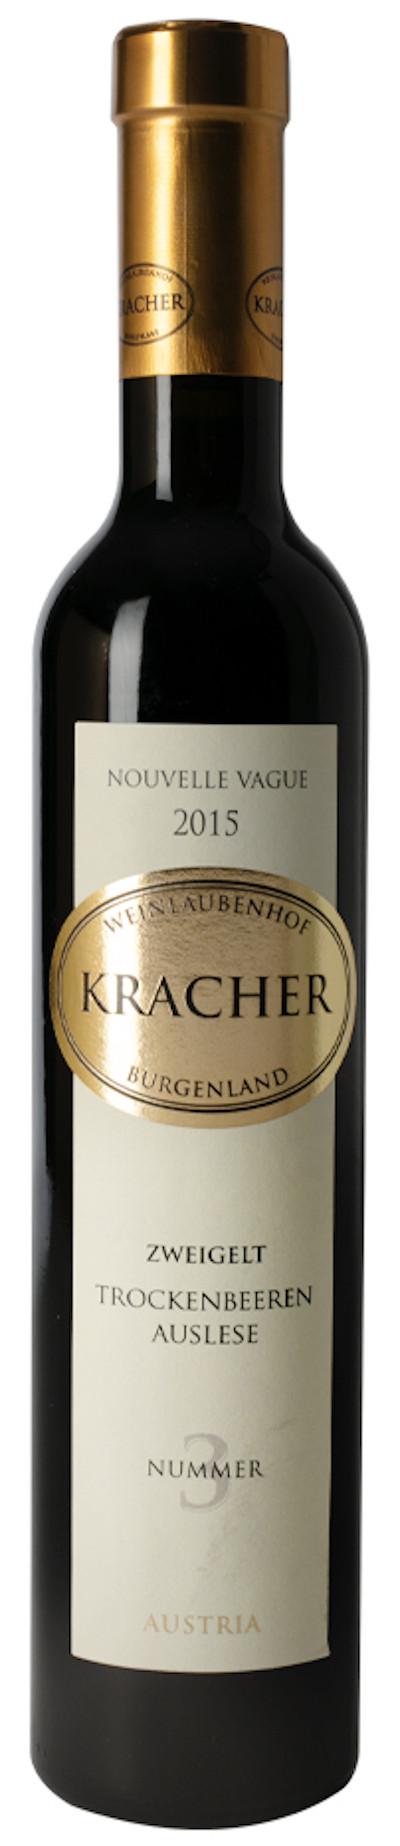 Kracher - Trockenbeerenauslese Zweigelt No. 3 Nouvelle Vague